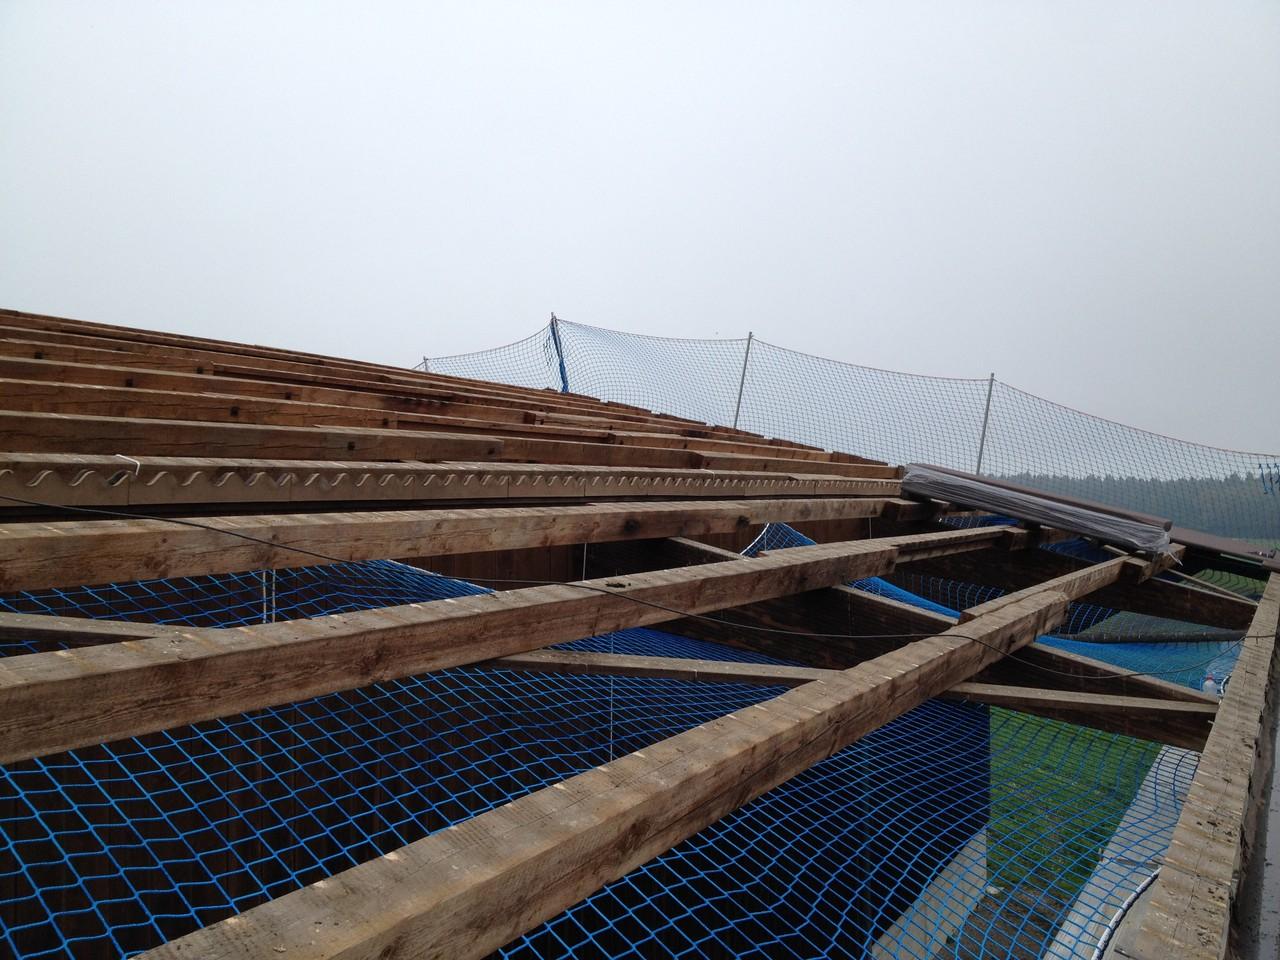 Sanierung Wellplattendach: während den Bauarbeiten